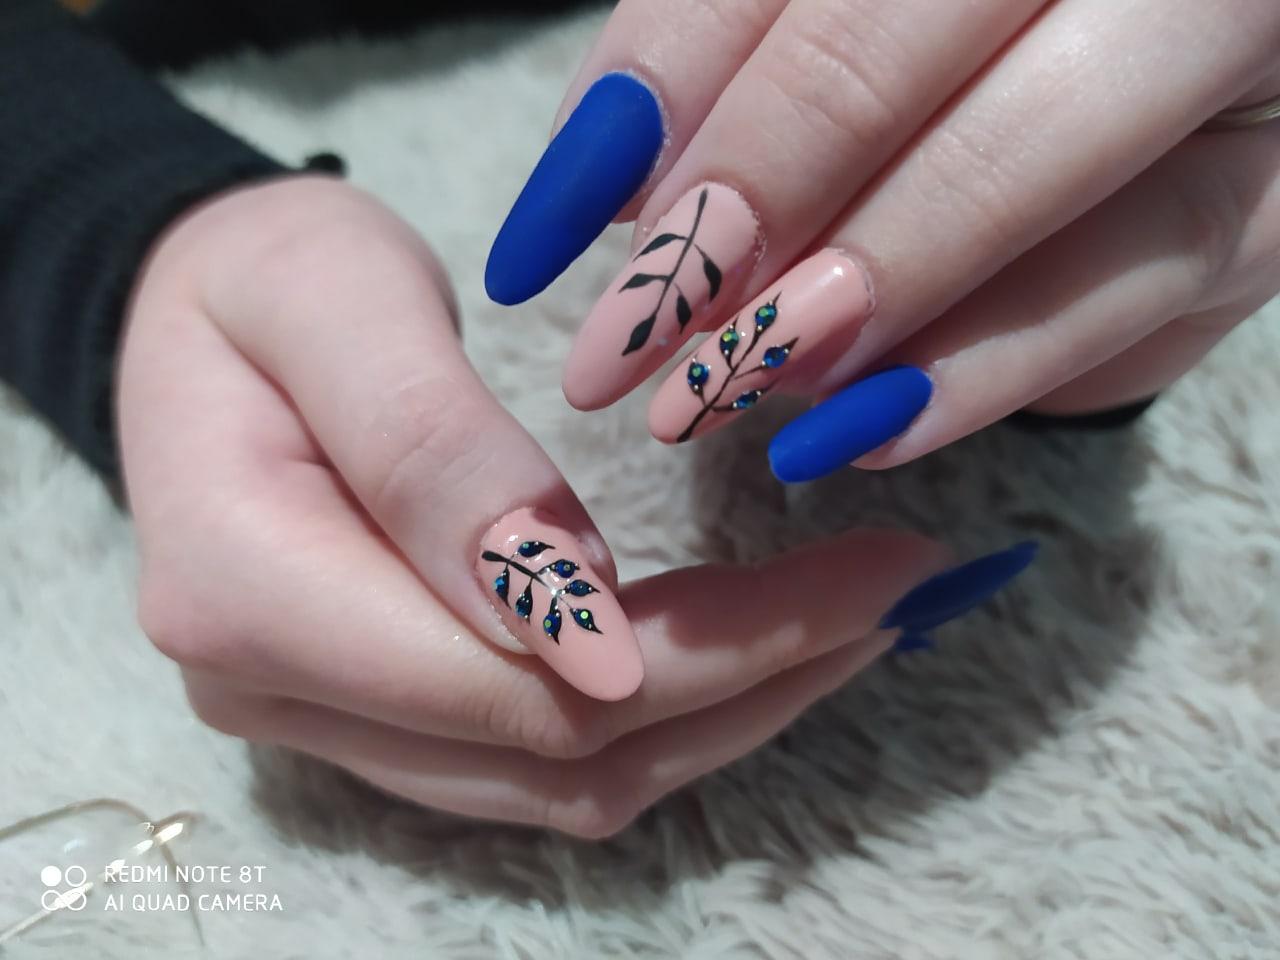 Матовый маникюр с растительным рисунком и стразами в синем цвете на длинные ногти.